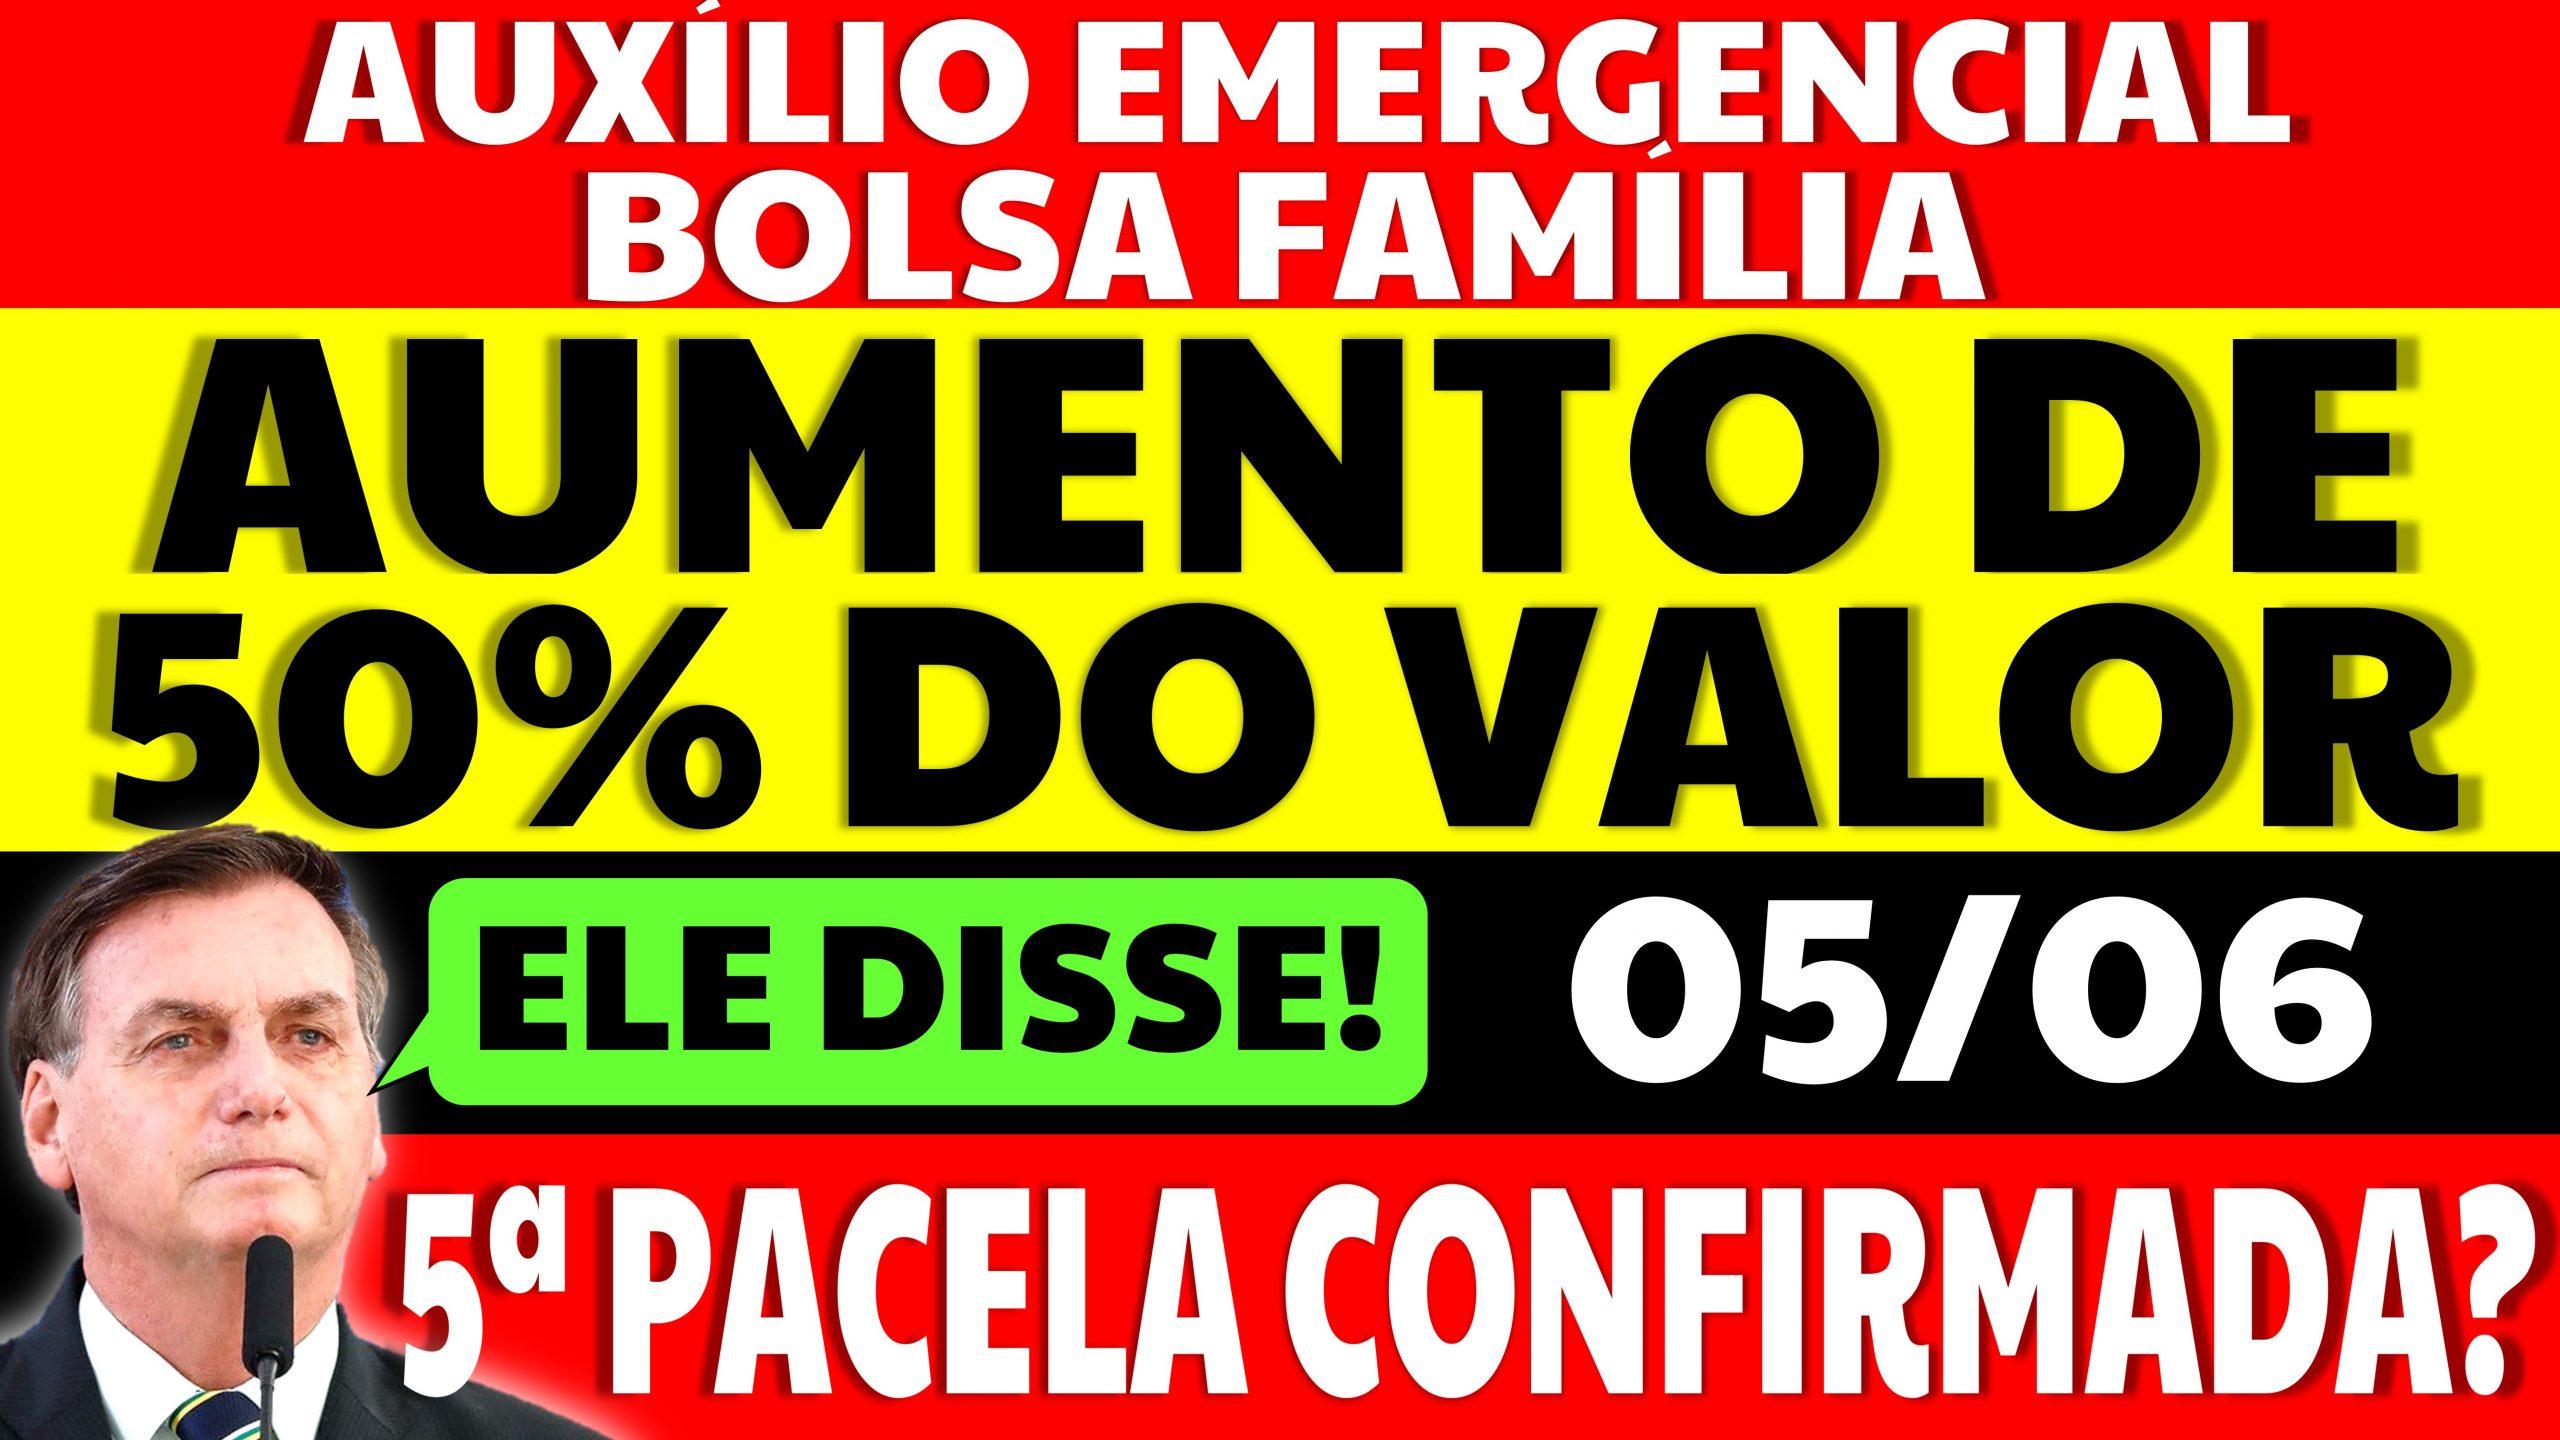 Auxílio Emergencial Hoje – 05/06